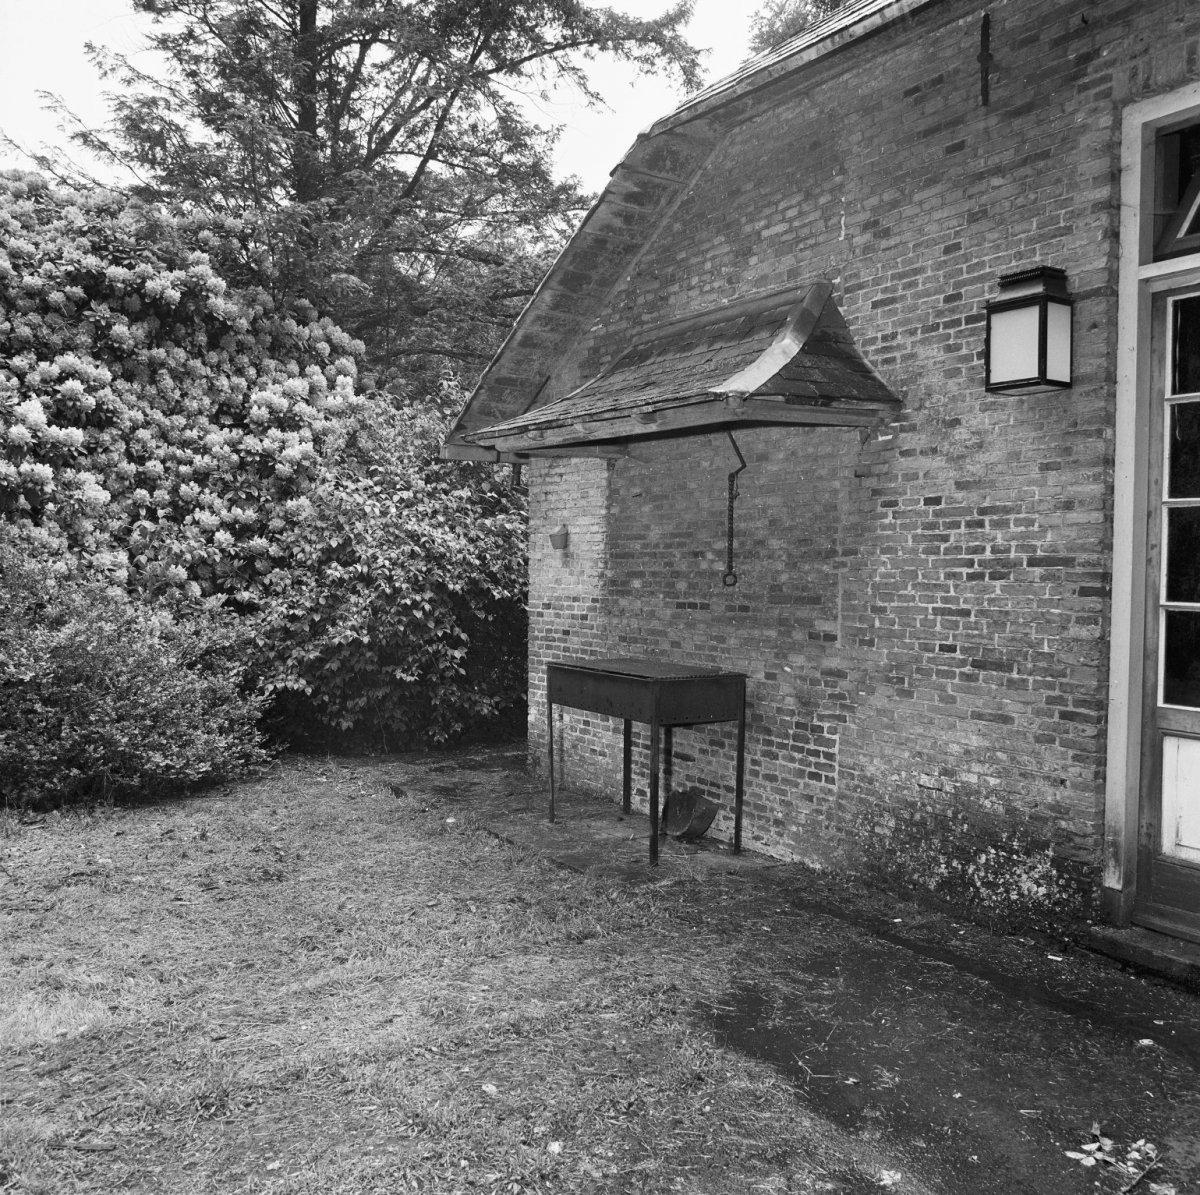 File exterieur engelse huis voorgevel detail ambt delden 20274459 wikimedia - Huis exterieur picture ...